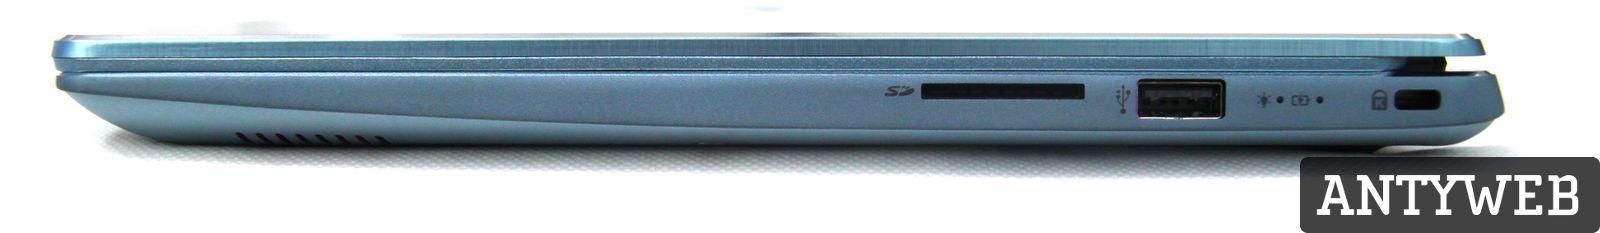 Acer Swift 3 porty prawa strona